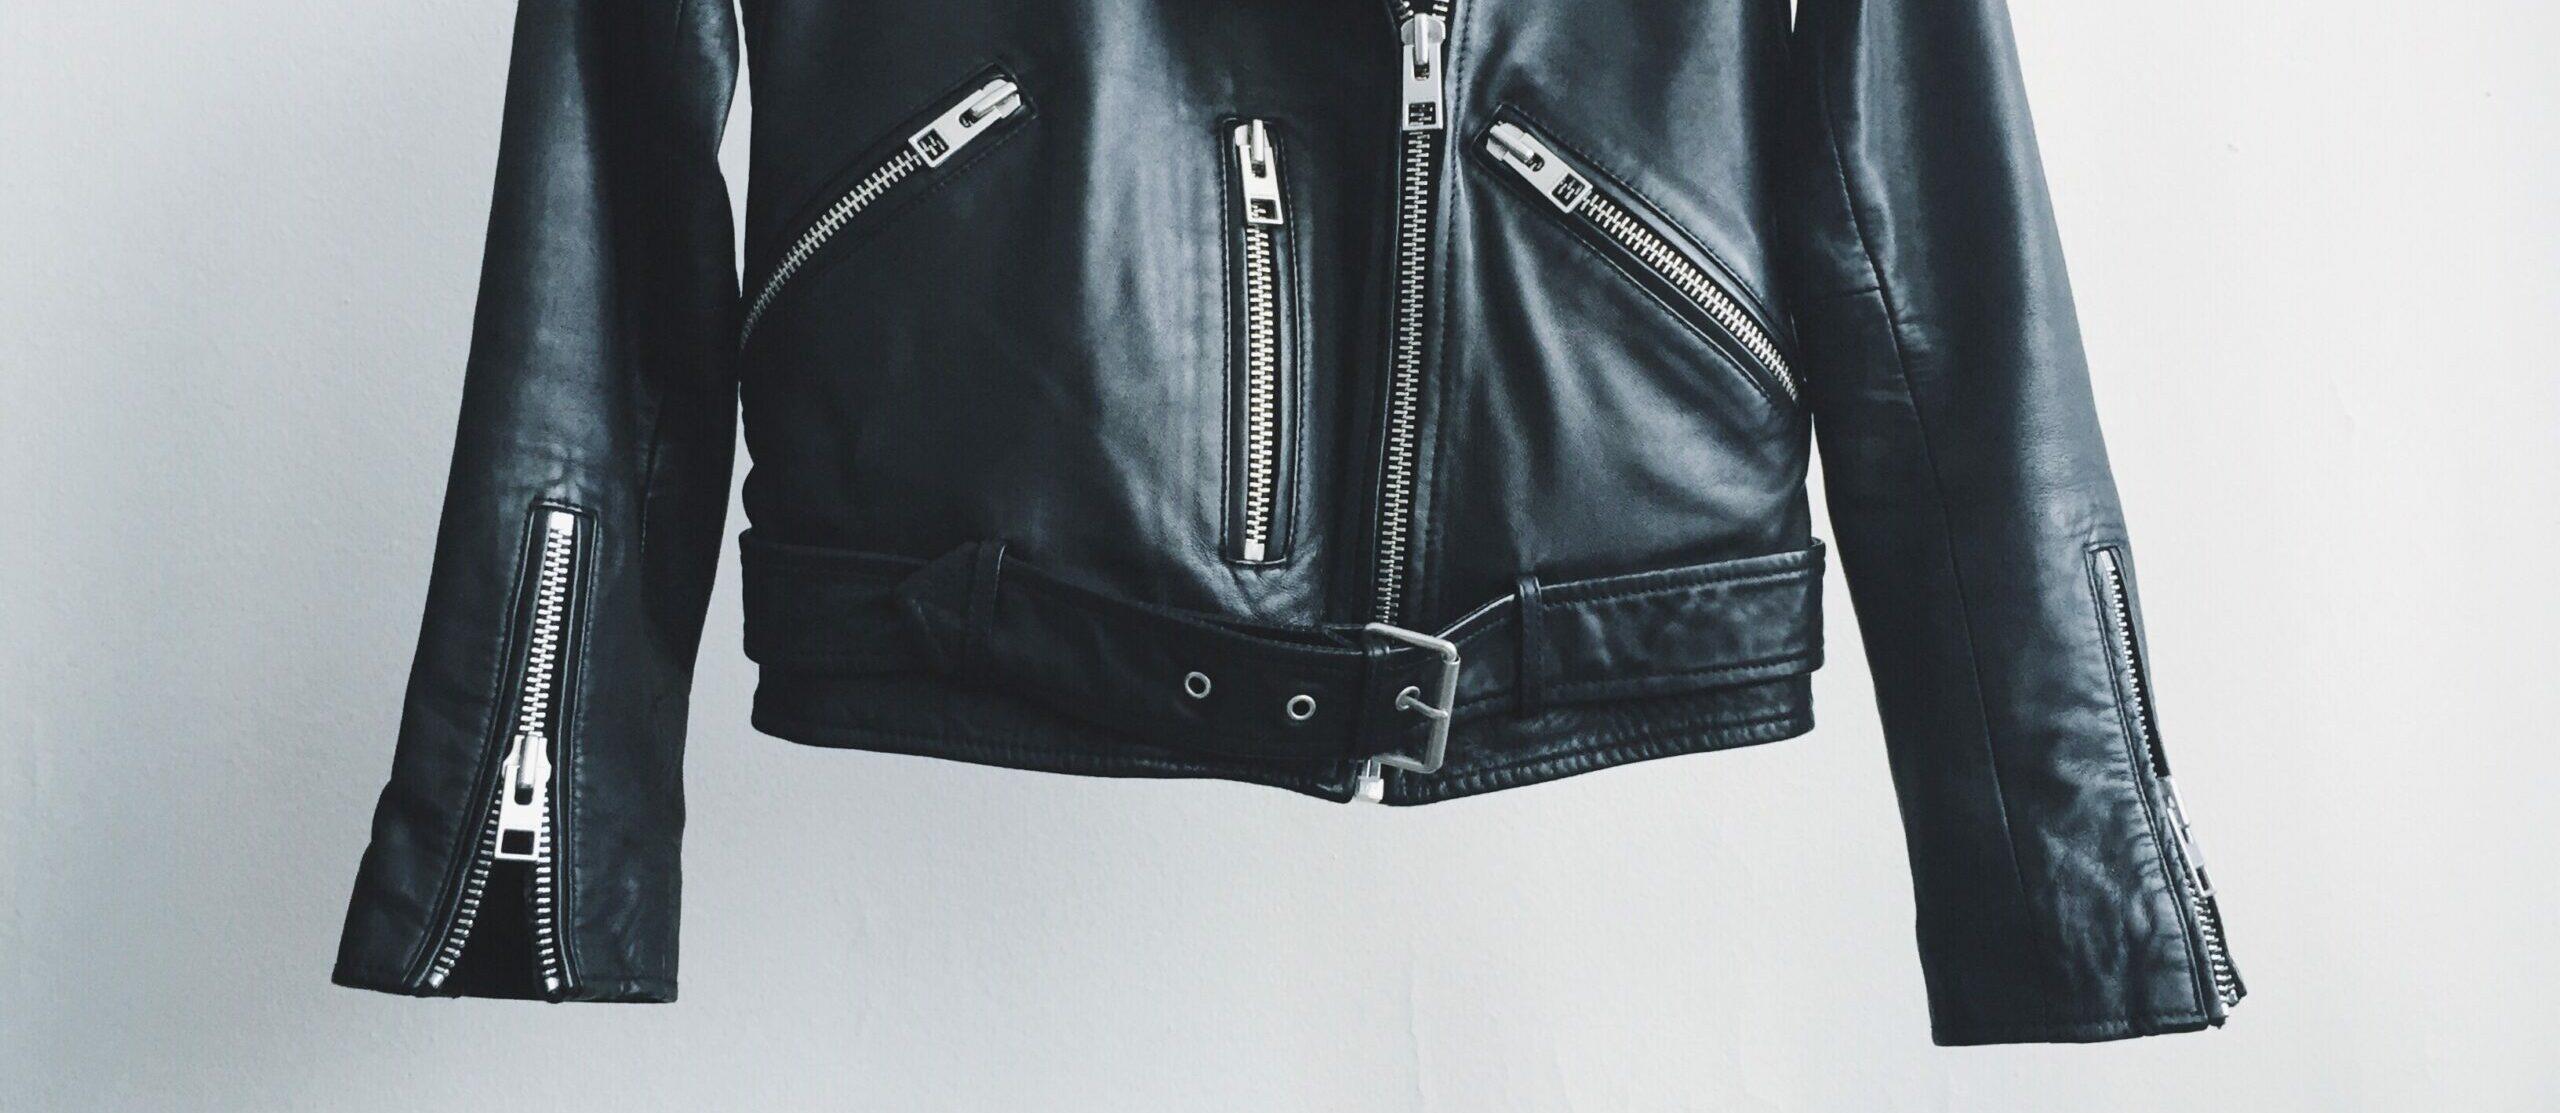 Kurtka skórzana - ramoneska - poradnik - jak dbać i czyścić kurtki skórzane